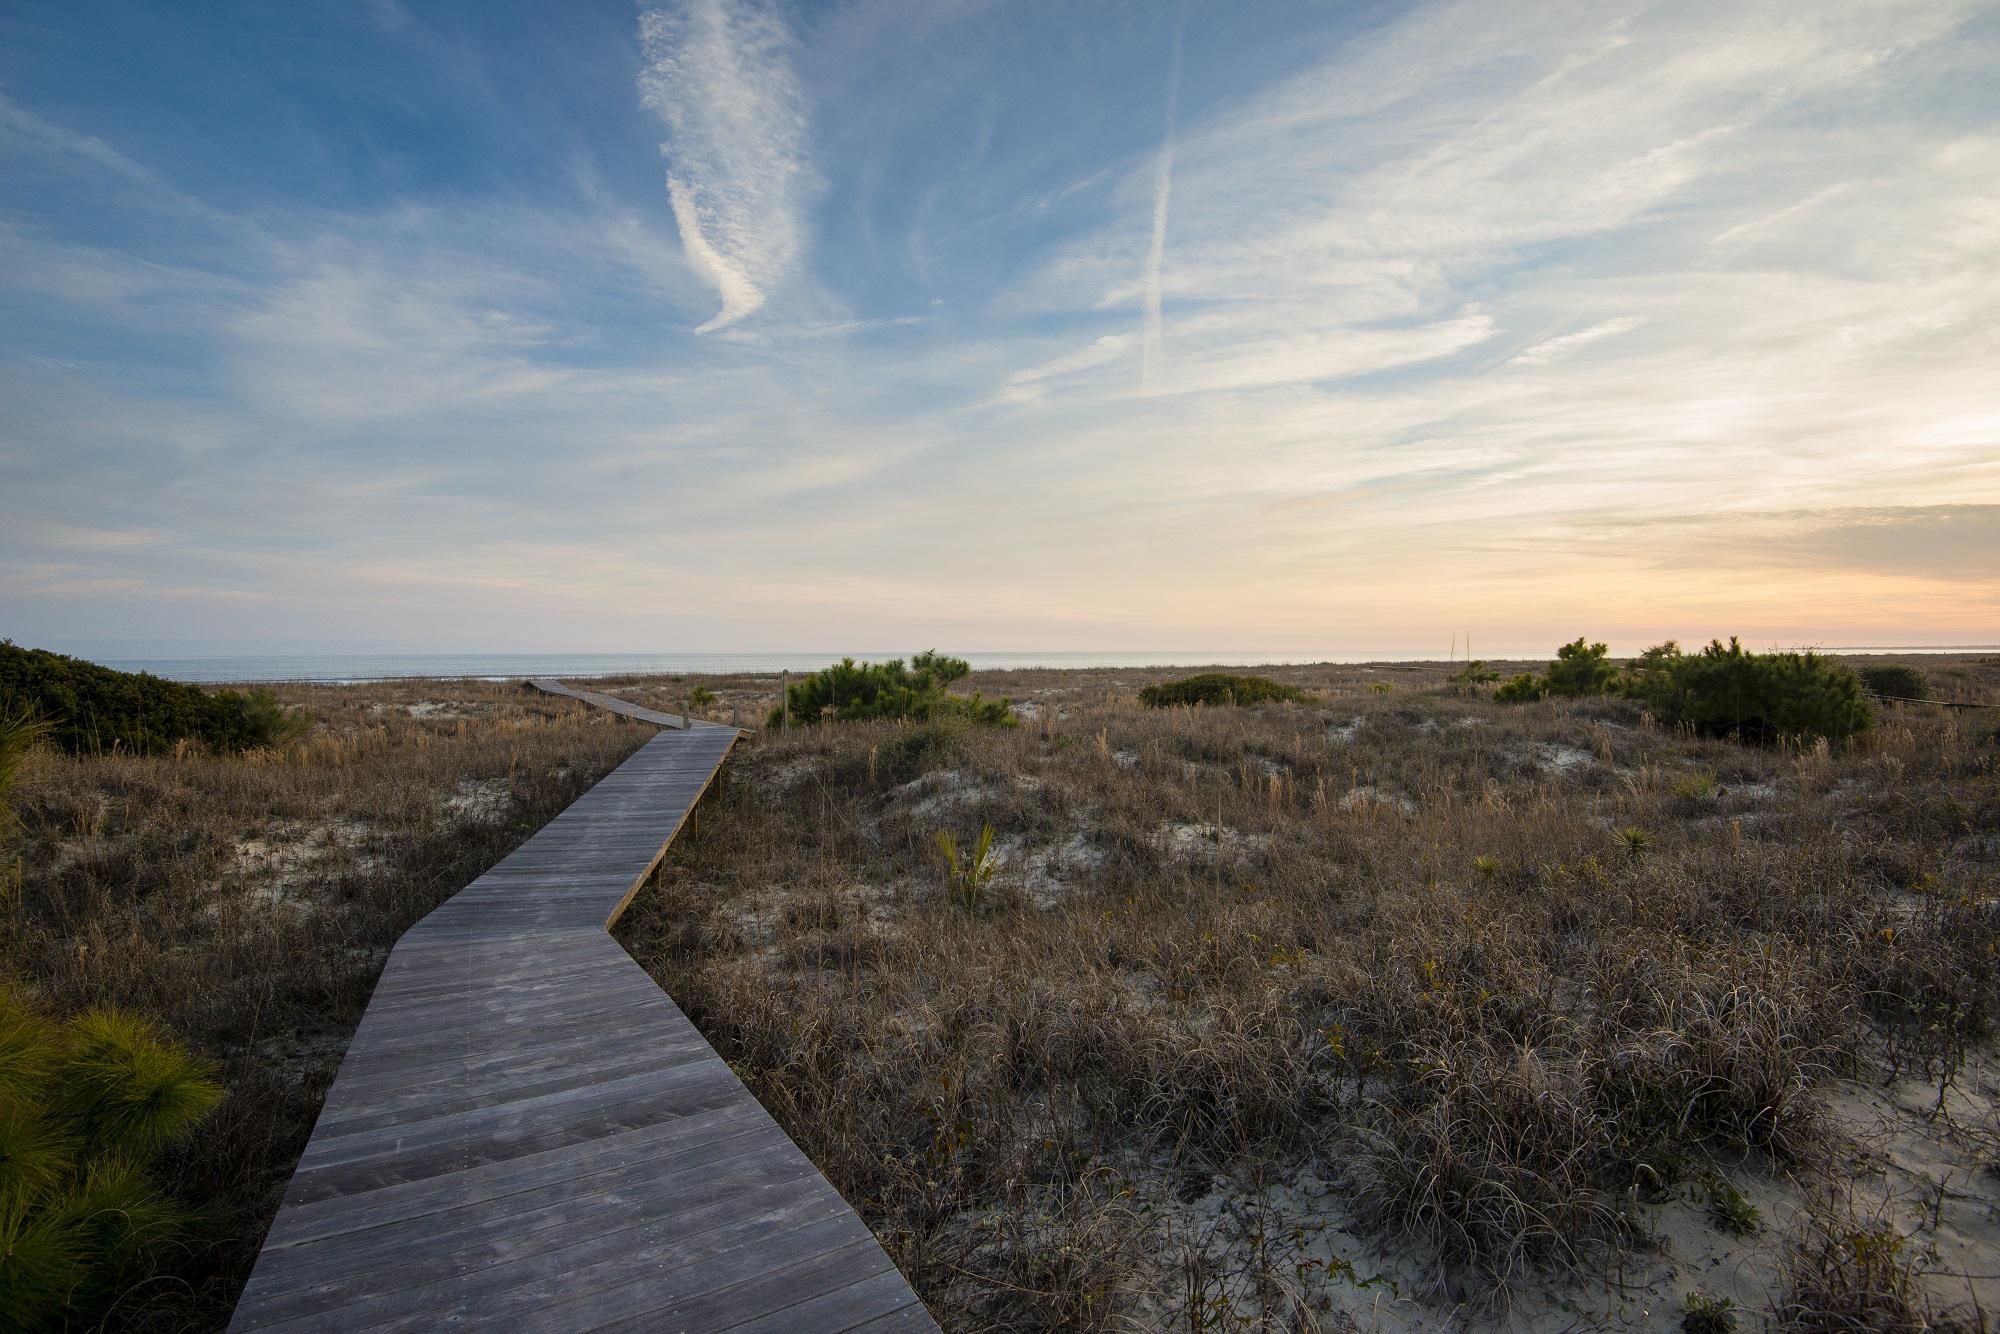 Vanderhorst Beach in Photos 1